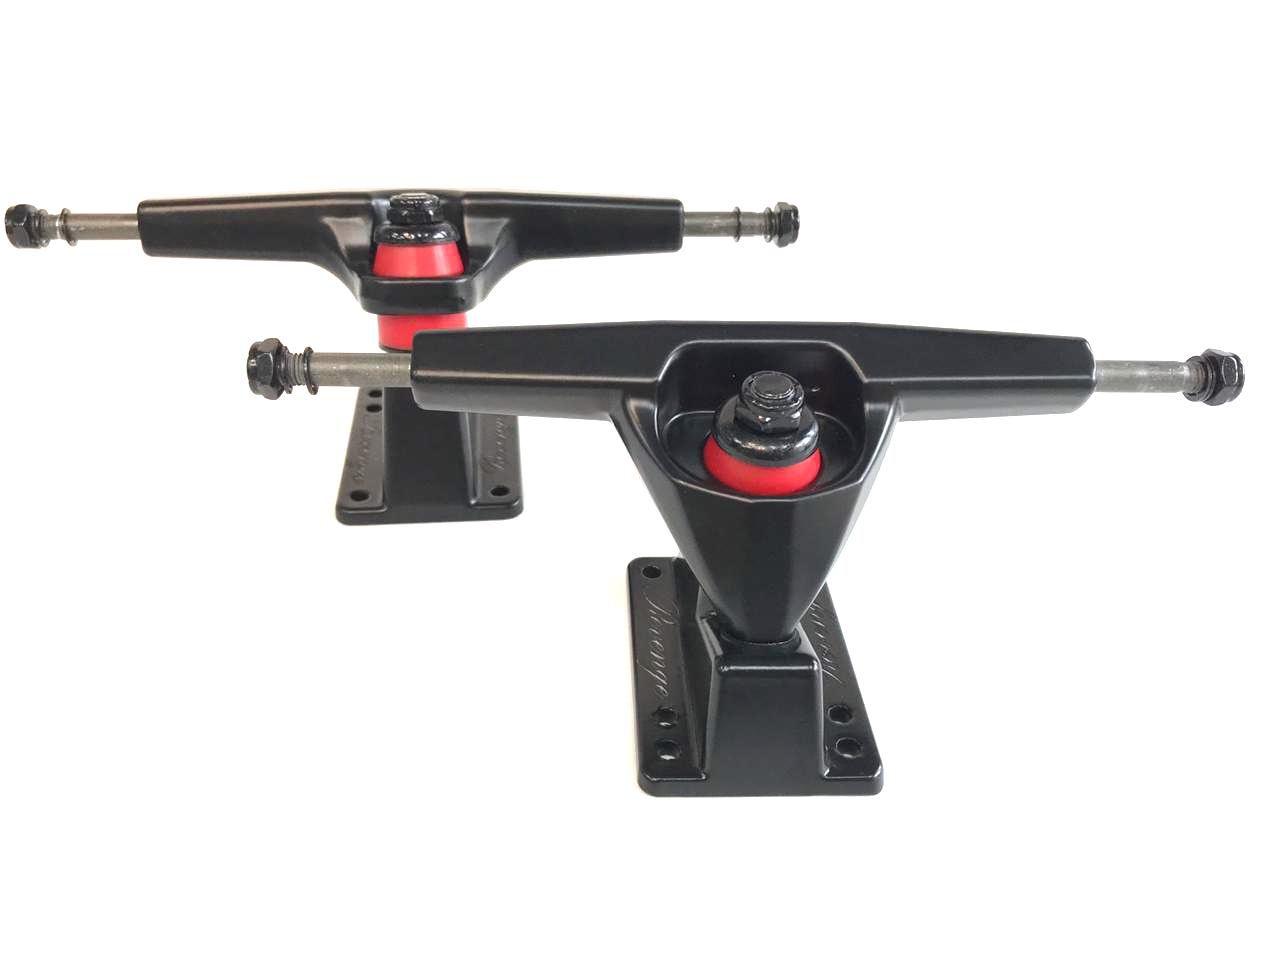 Truck Longboard Simulador de Surf  Revenge 157mm Preto